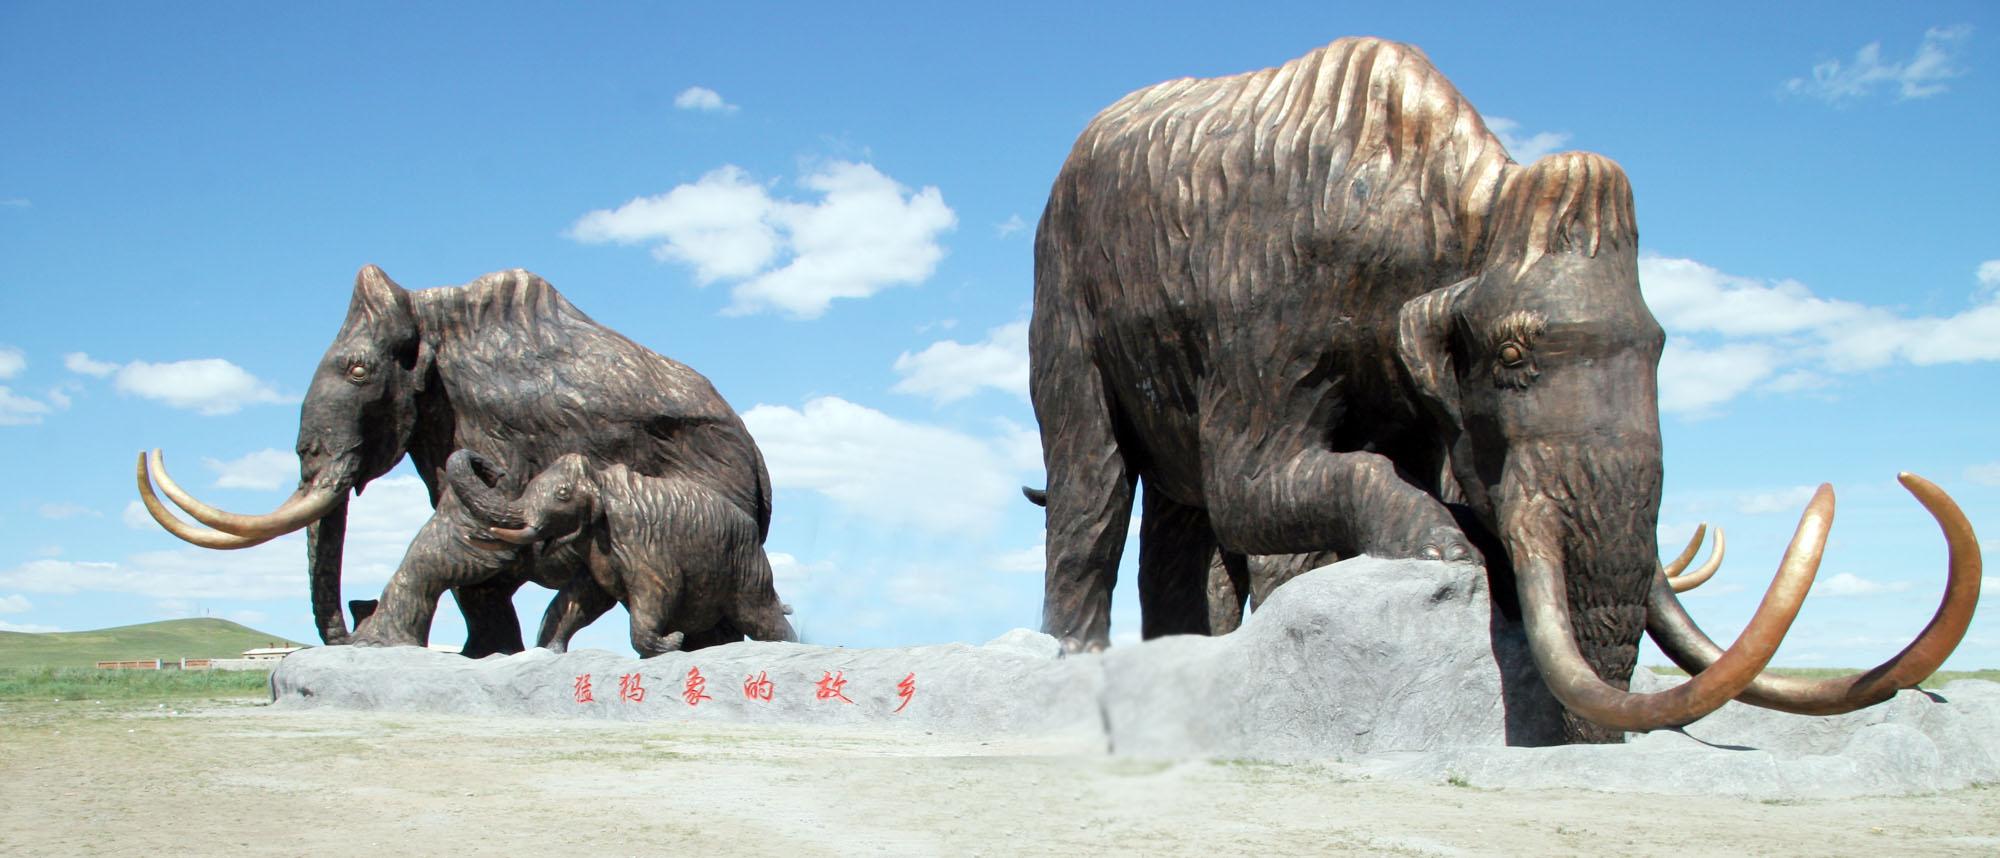 猛犸象牙化石图片_猛犸象_猛犸象画法